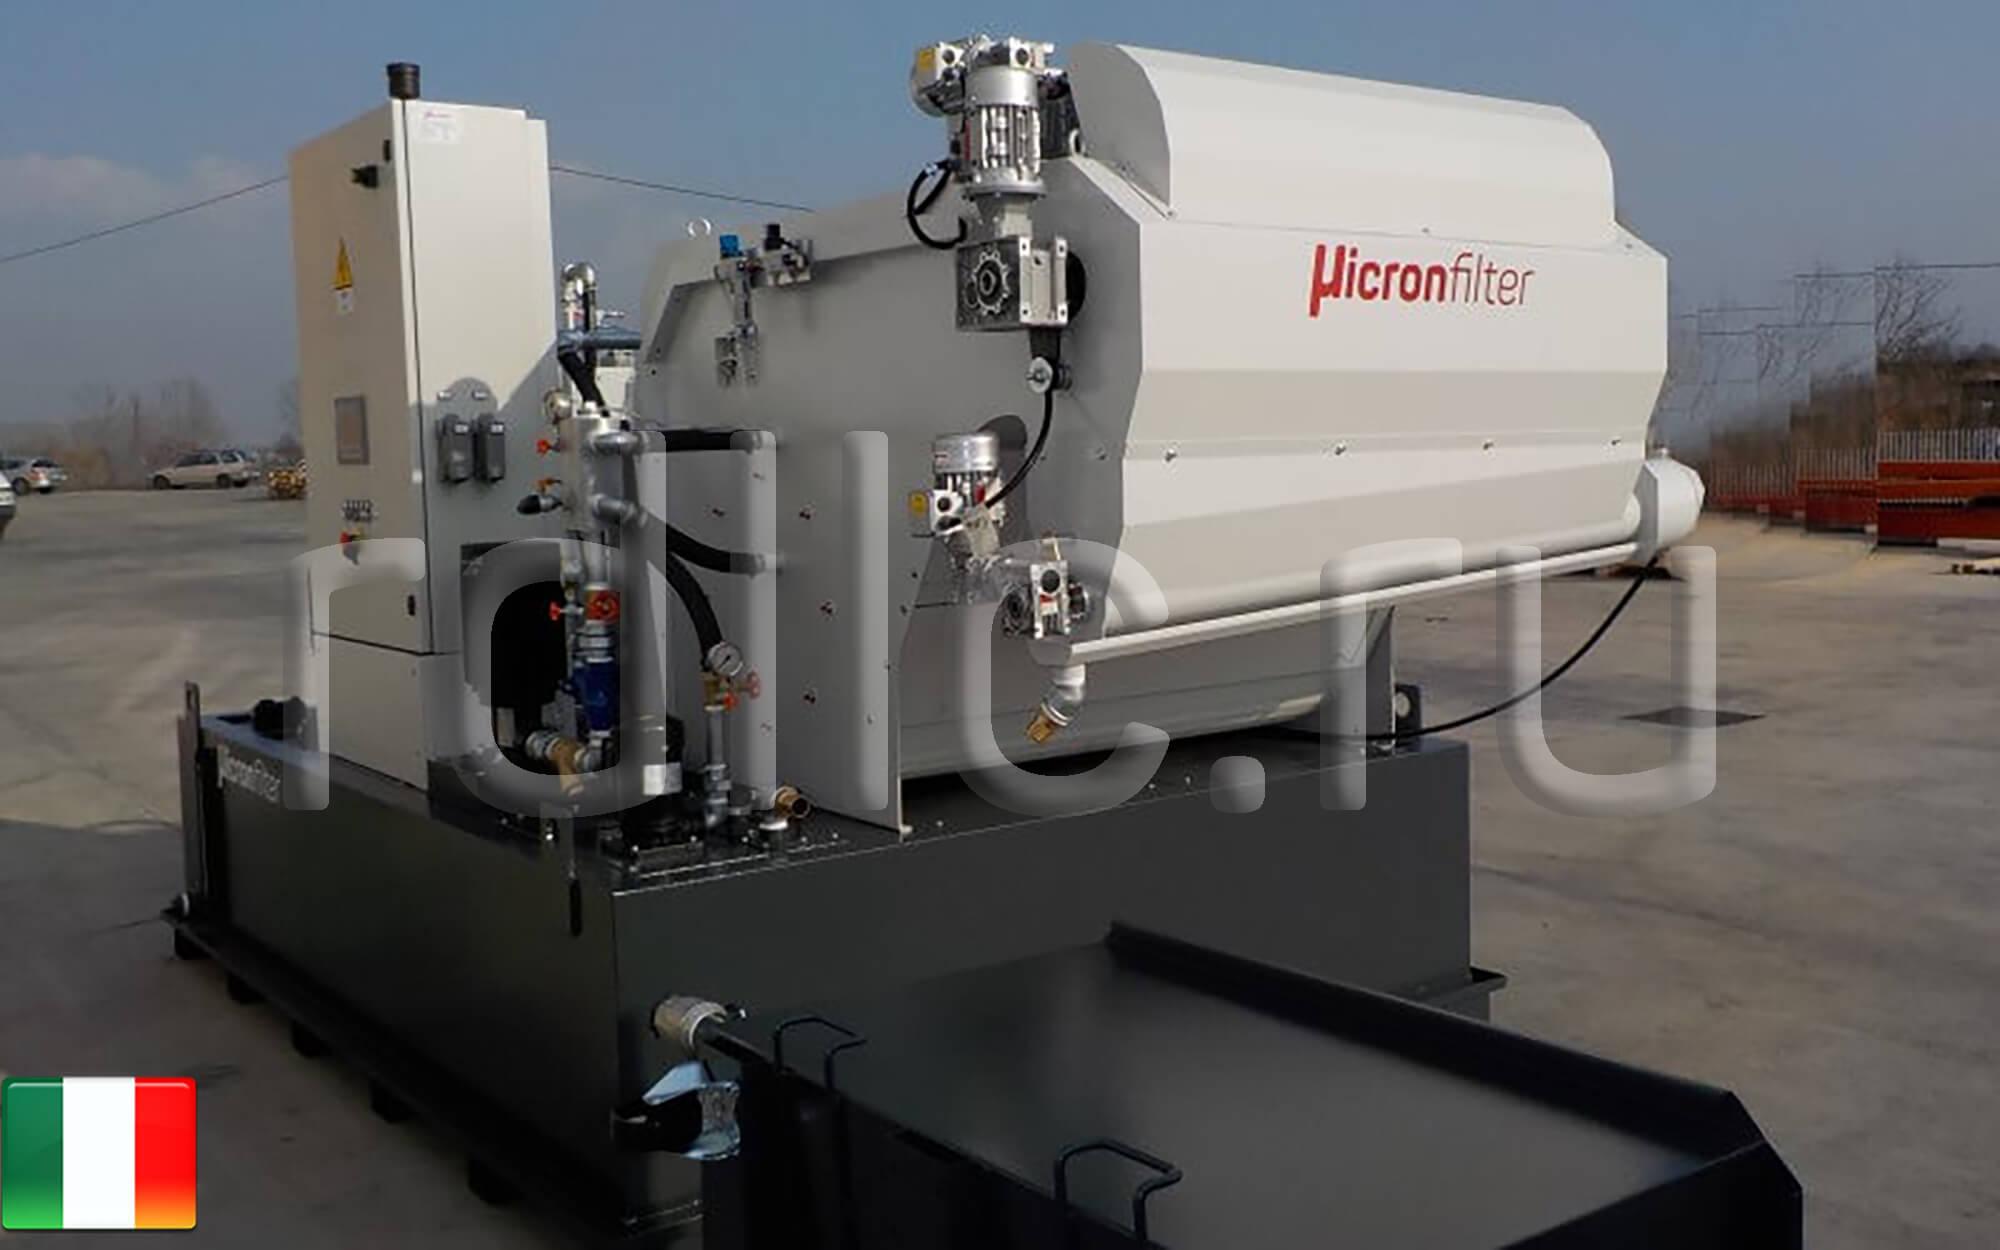 Высокоэффективная станция очистки СОЖ для прецизионного шлифования (самоочищающаяся установка фильтрации СОЖ барабанного Spin 1400 | магнитный сепаратор СОЖ Kalamit 500 | портативная мобильная установка очистки СОЖ Oil Clean (картриджи)